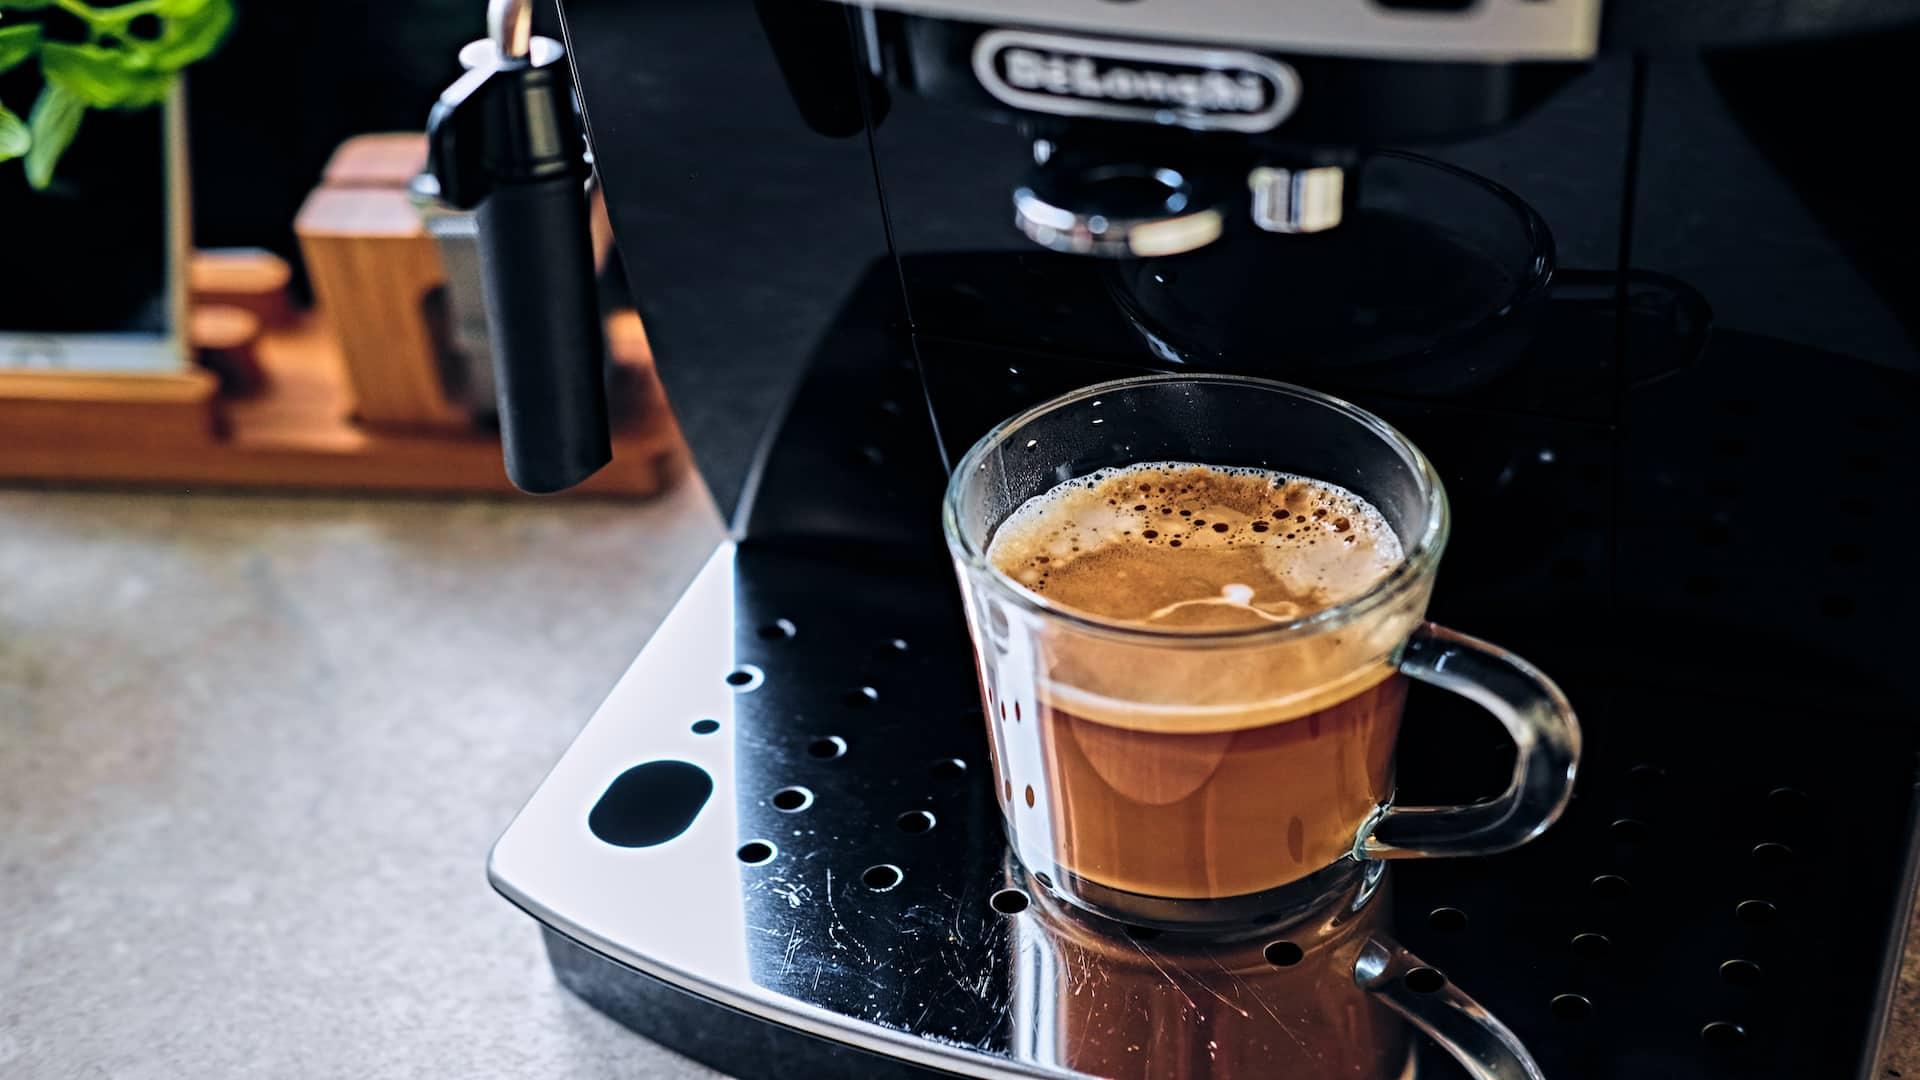 Imagem mostra máquina de café com xícara de café cheia.